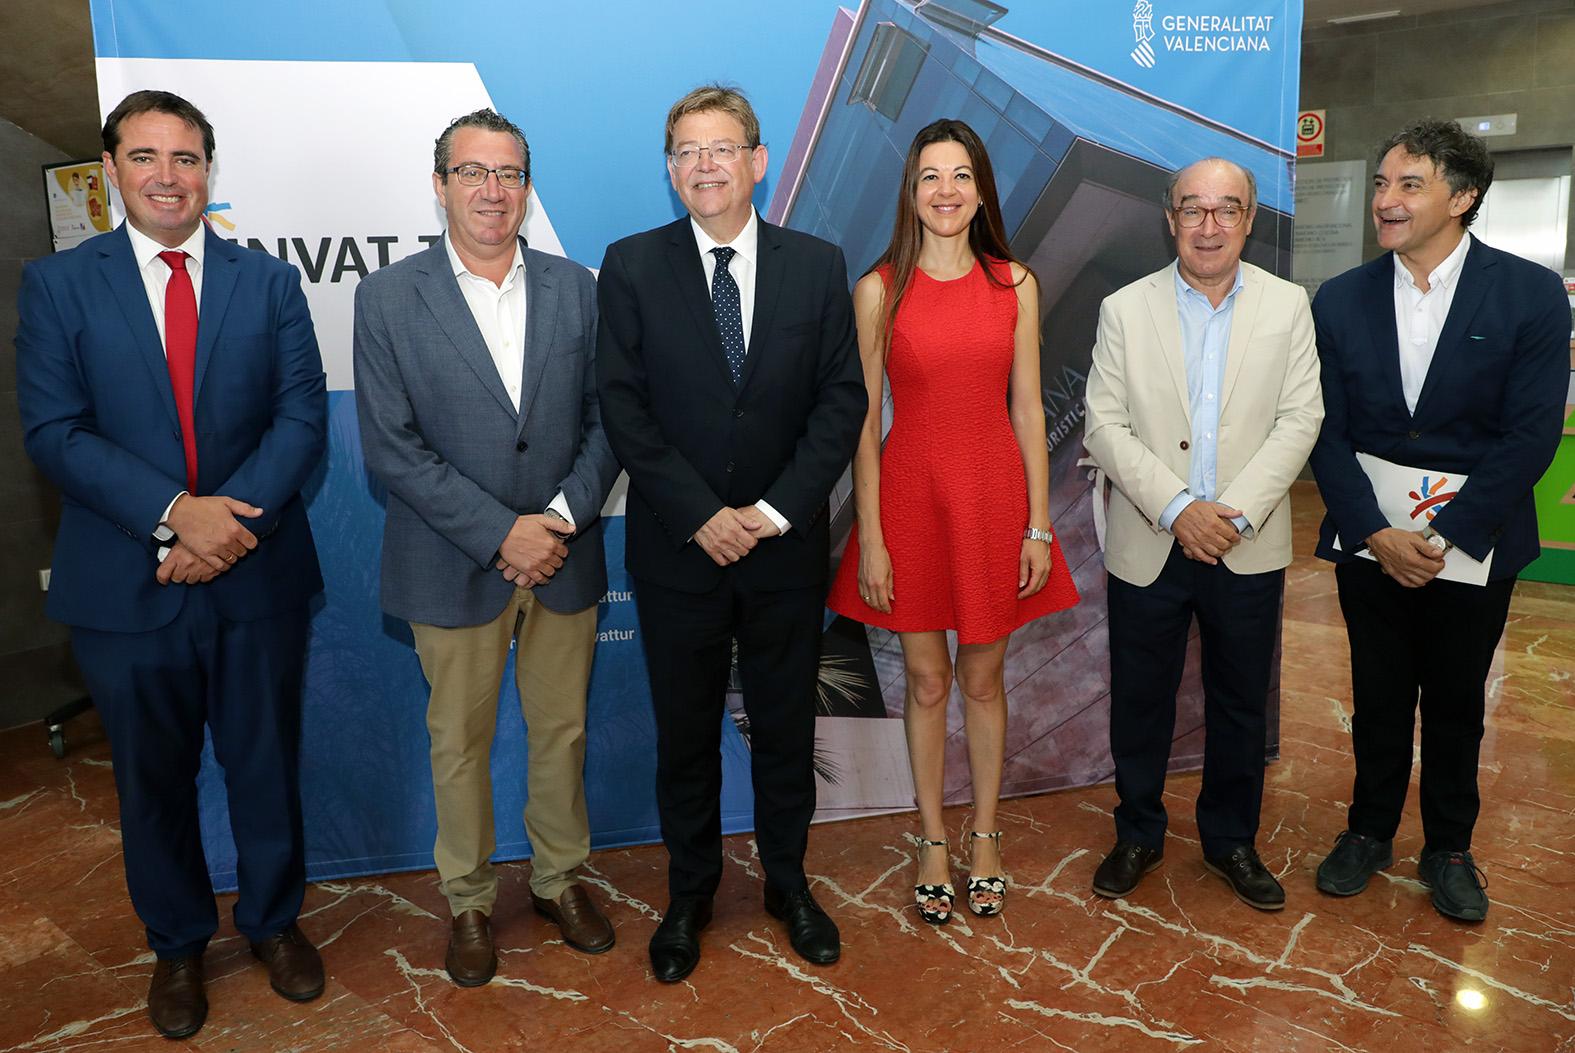 """Ximo Puig aboga por una """"gran alianza"""" entre Generalitat, ayuntamientos y empresas para afrontar los retos del turismo y luchar contra el intrusismo"""